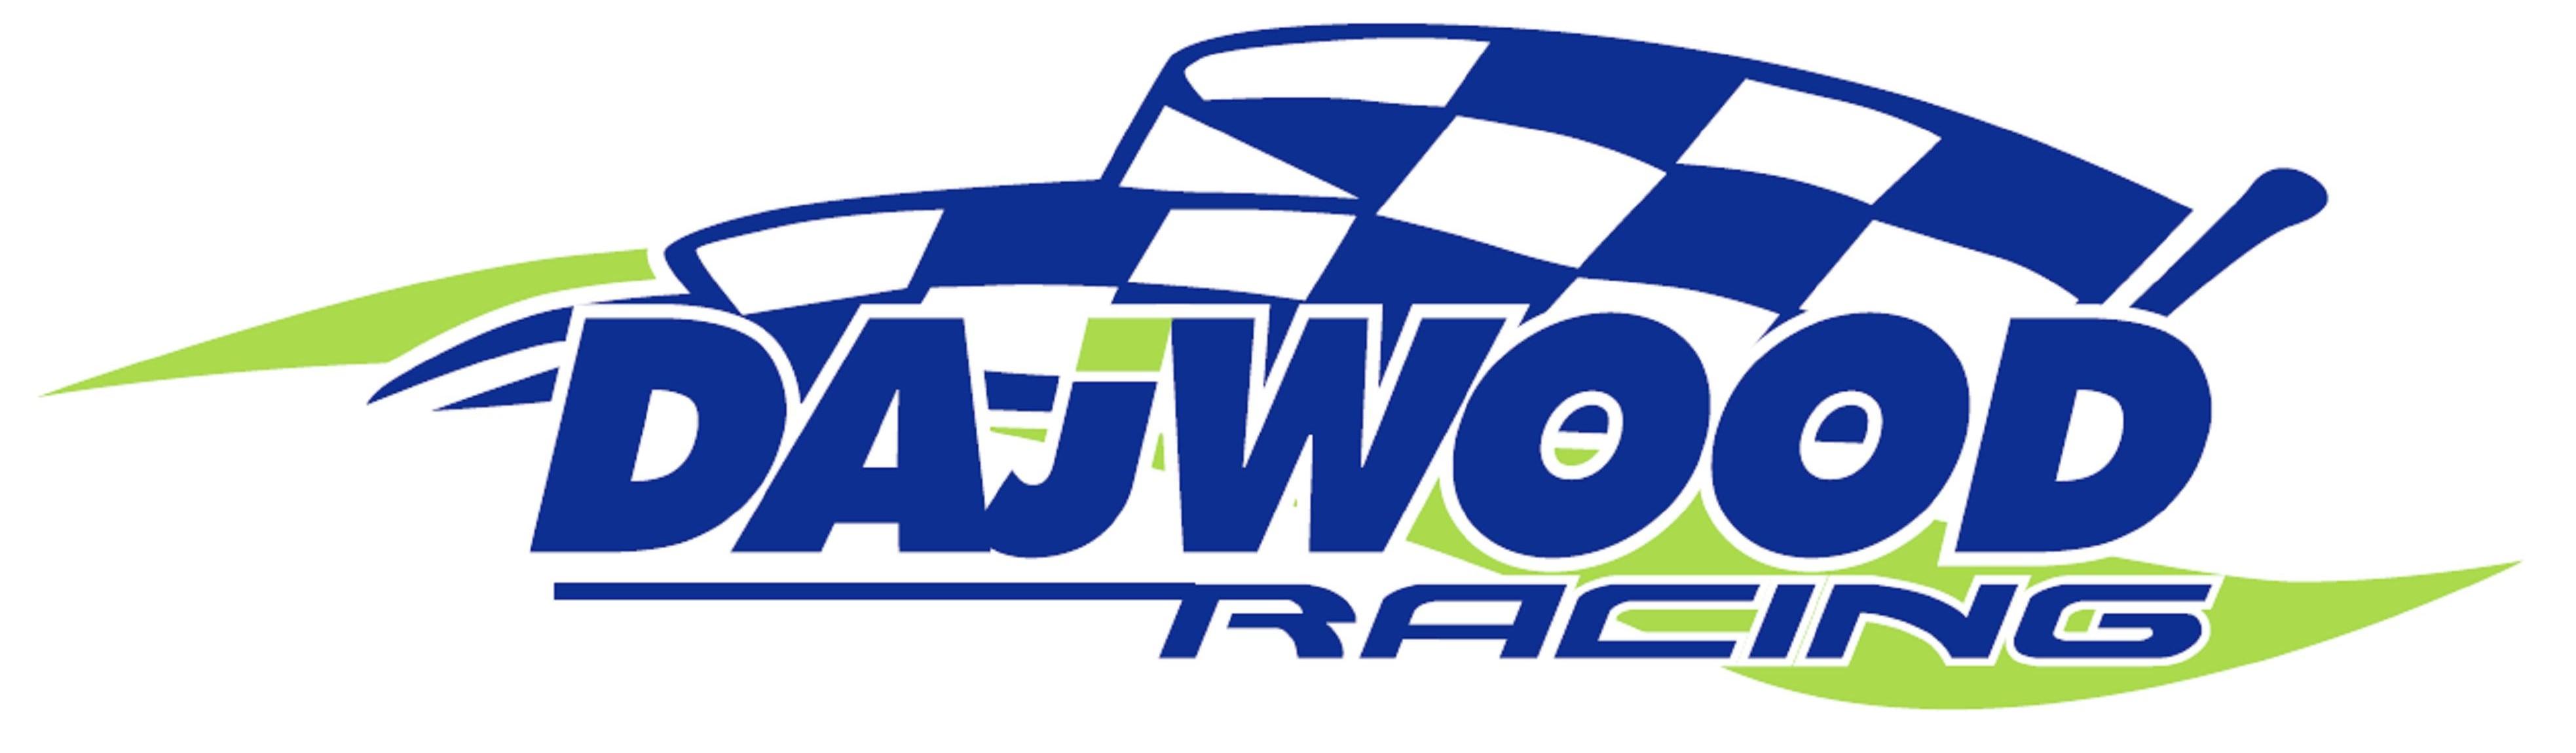 Dajwood Racing Logo